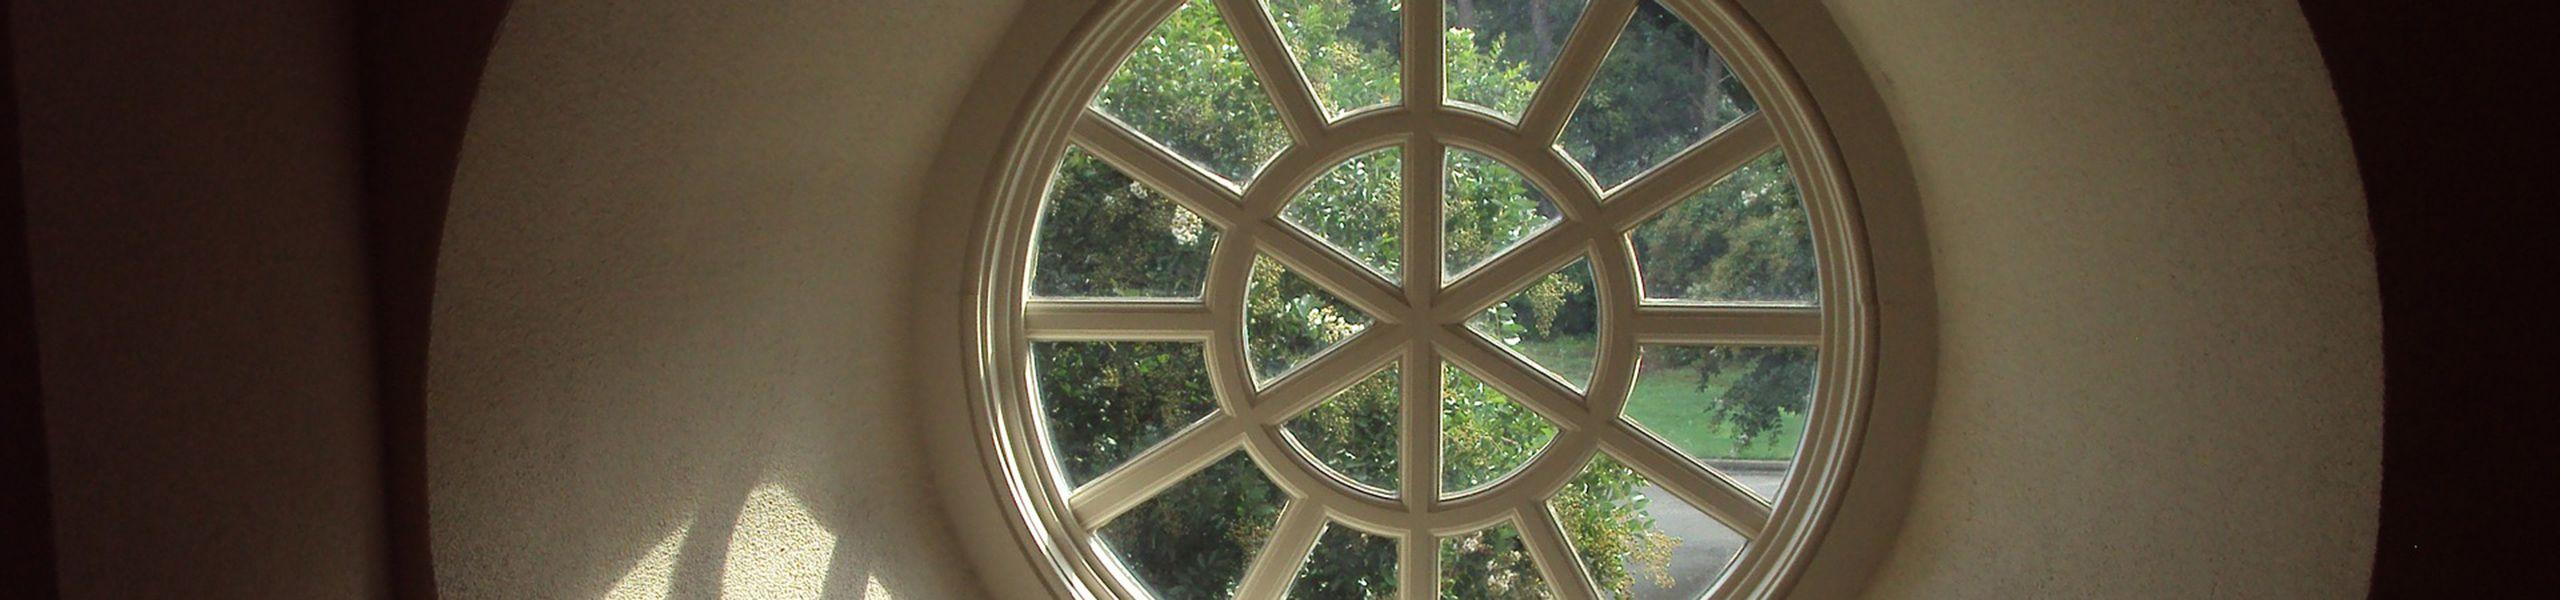 Full Size of Runde Fenster Schco Glaser Schtte Schreinerei In Dortmund Maße Sichtschutzfolie Rollos Salamander Holz Alu Preise Fliegengitter Für Schüko Jalousien Rc3 Fenster Runde Fenster